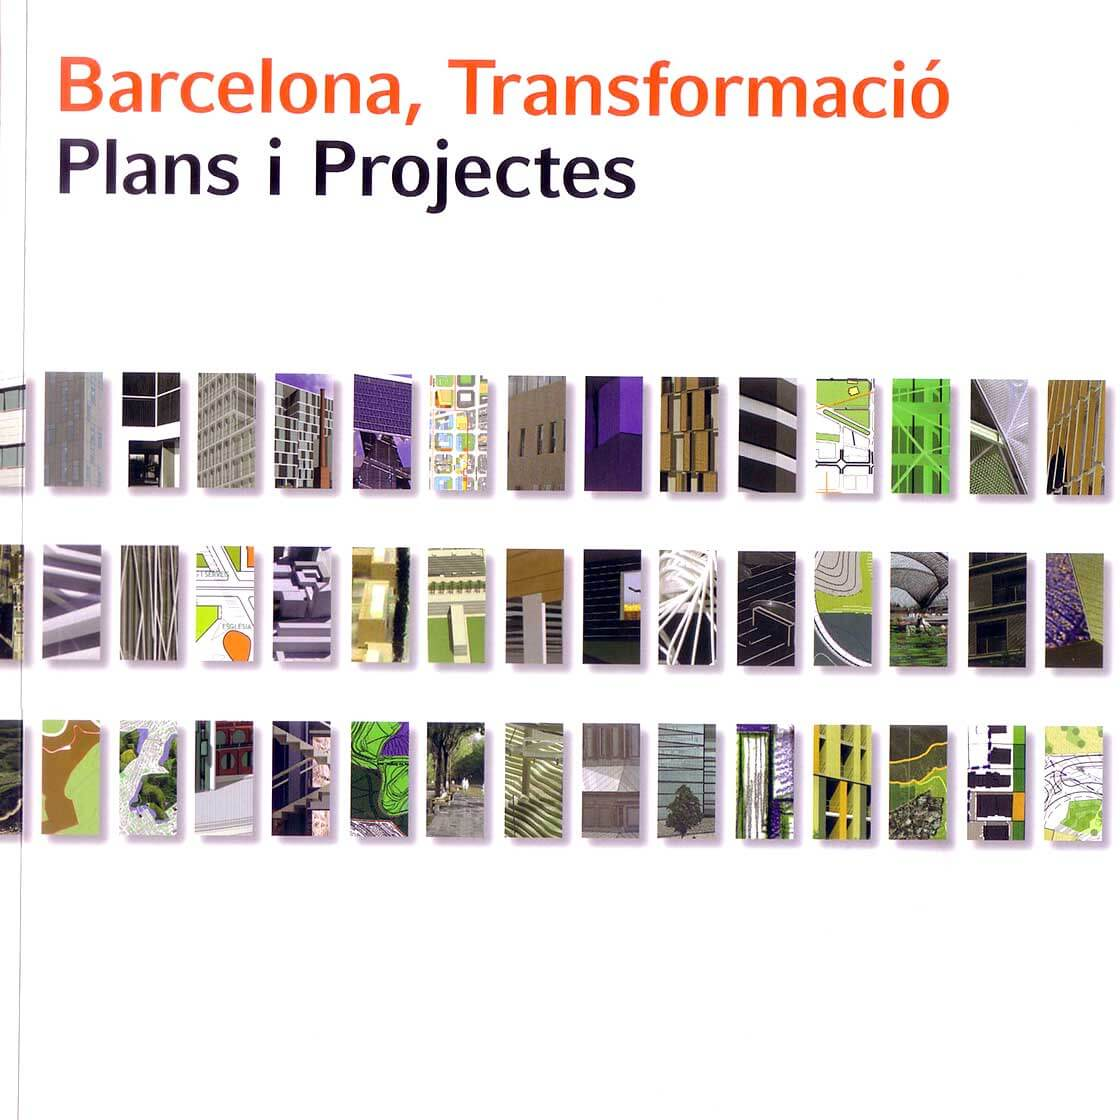 Barcelona, Transformació - Plans i Projectes @Marc García-Durán, arquitecto